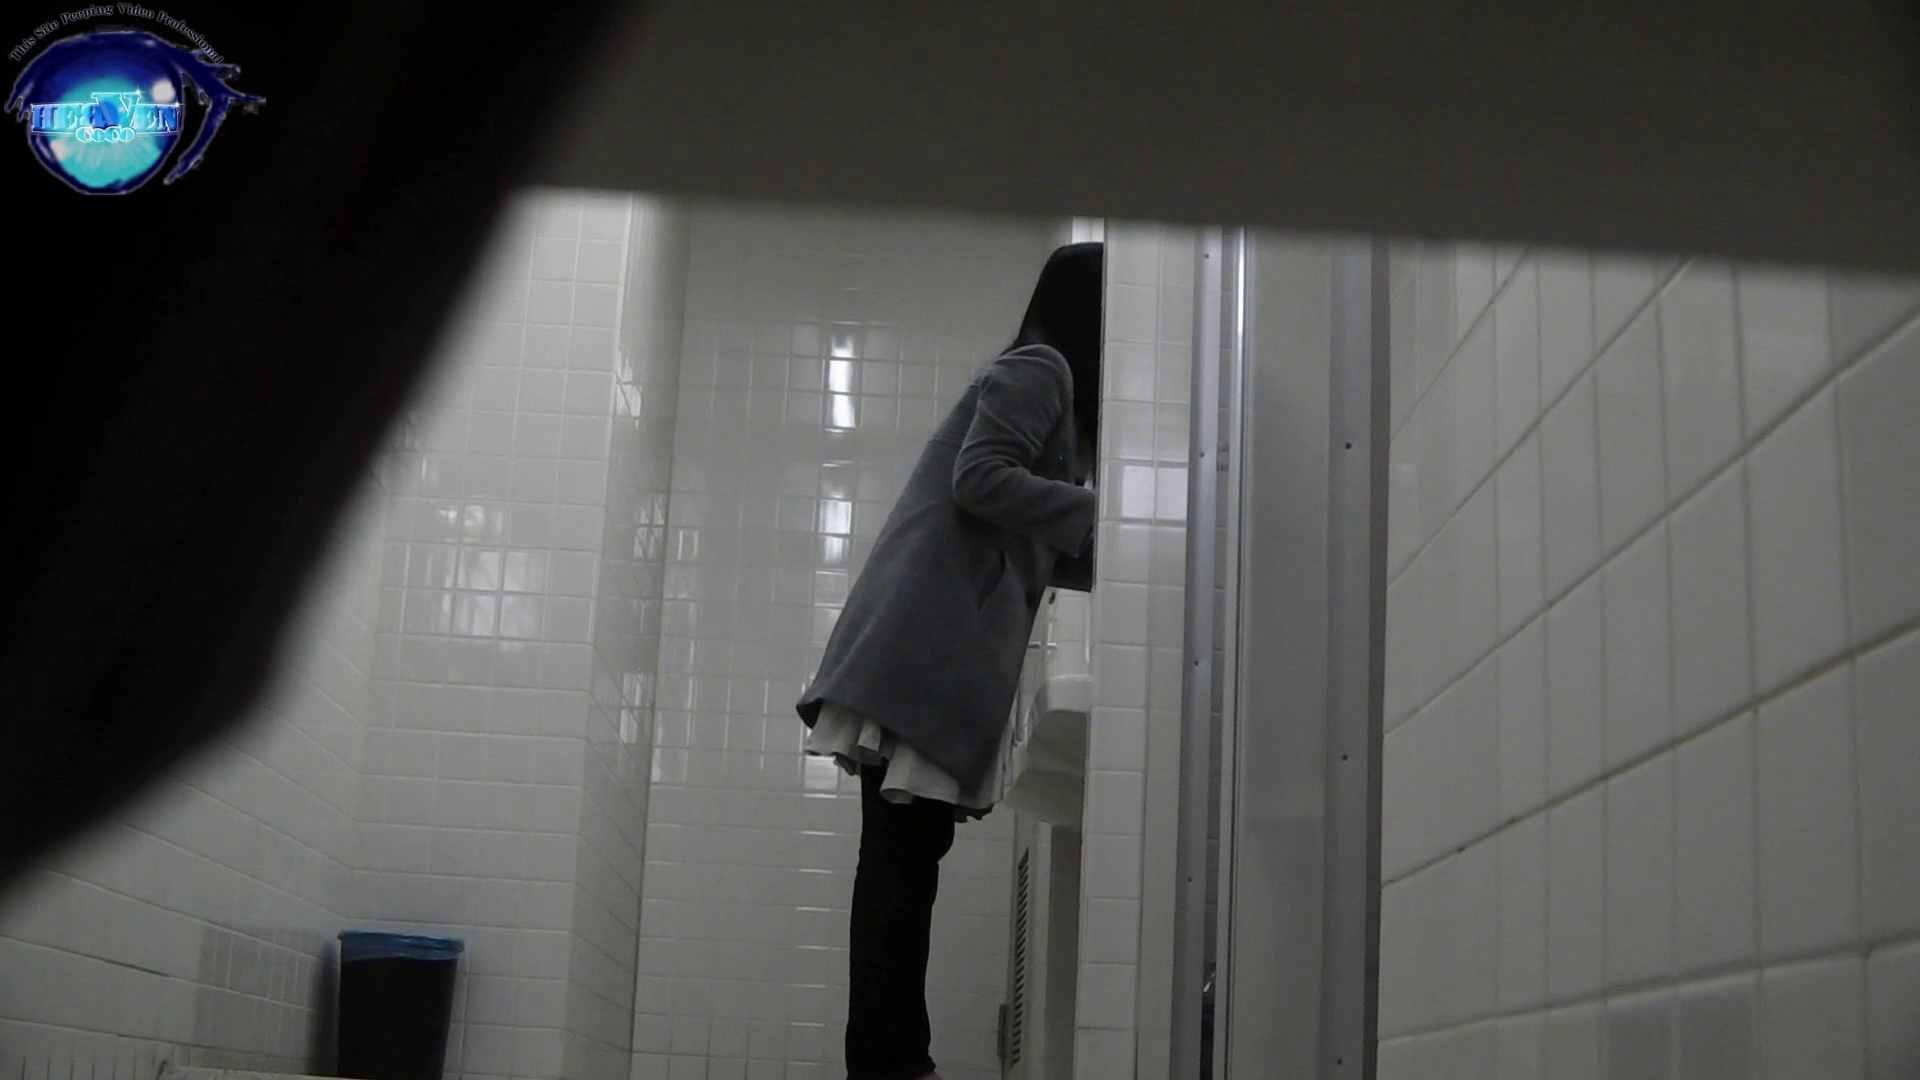 「洗面所突入レポート!!」vol.56まず並ぶ所から!決して真似しないでください前編 美人 セックス無修正動画無料 96pic 94